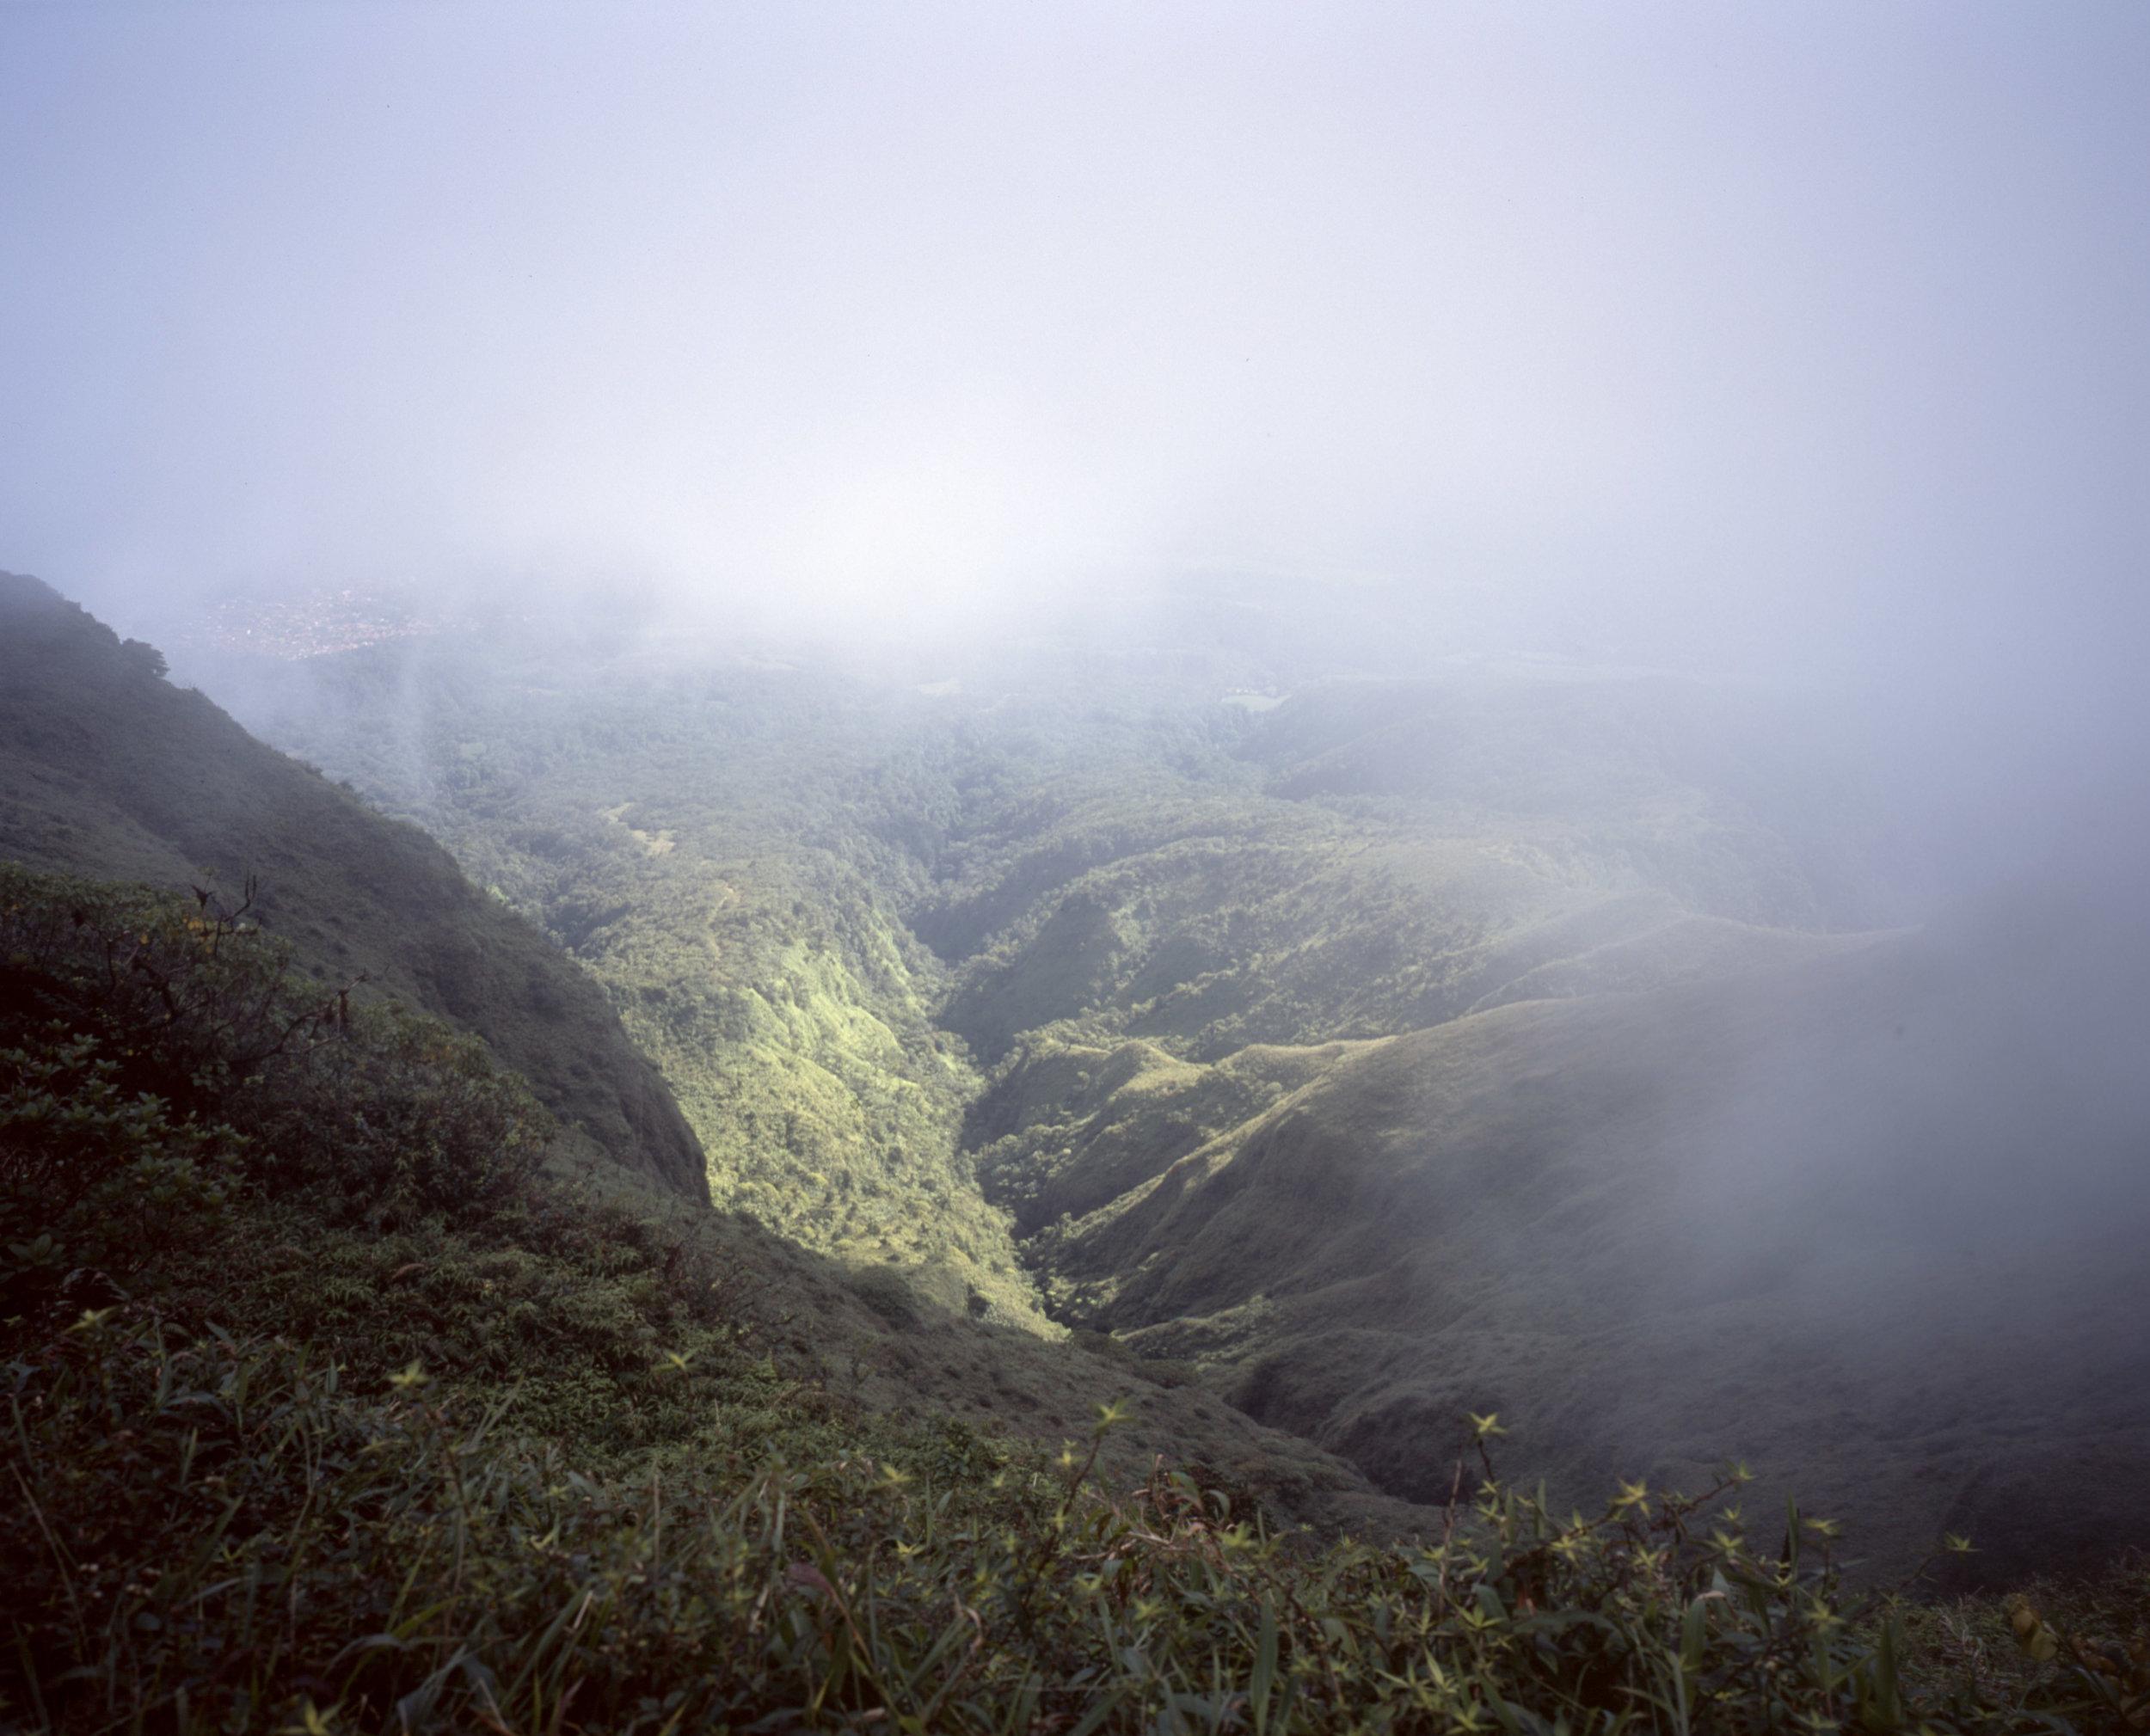 Up Mount Pelee Fuji Gf670w | Fuji Provia 100f